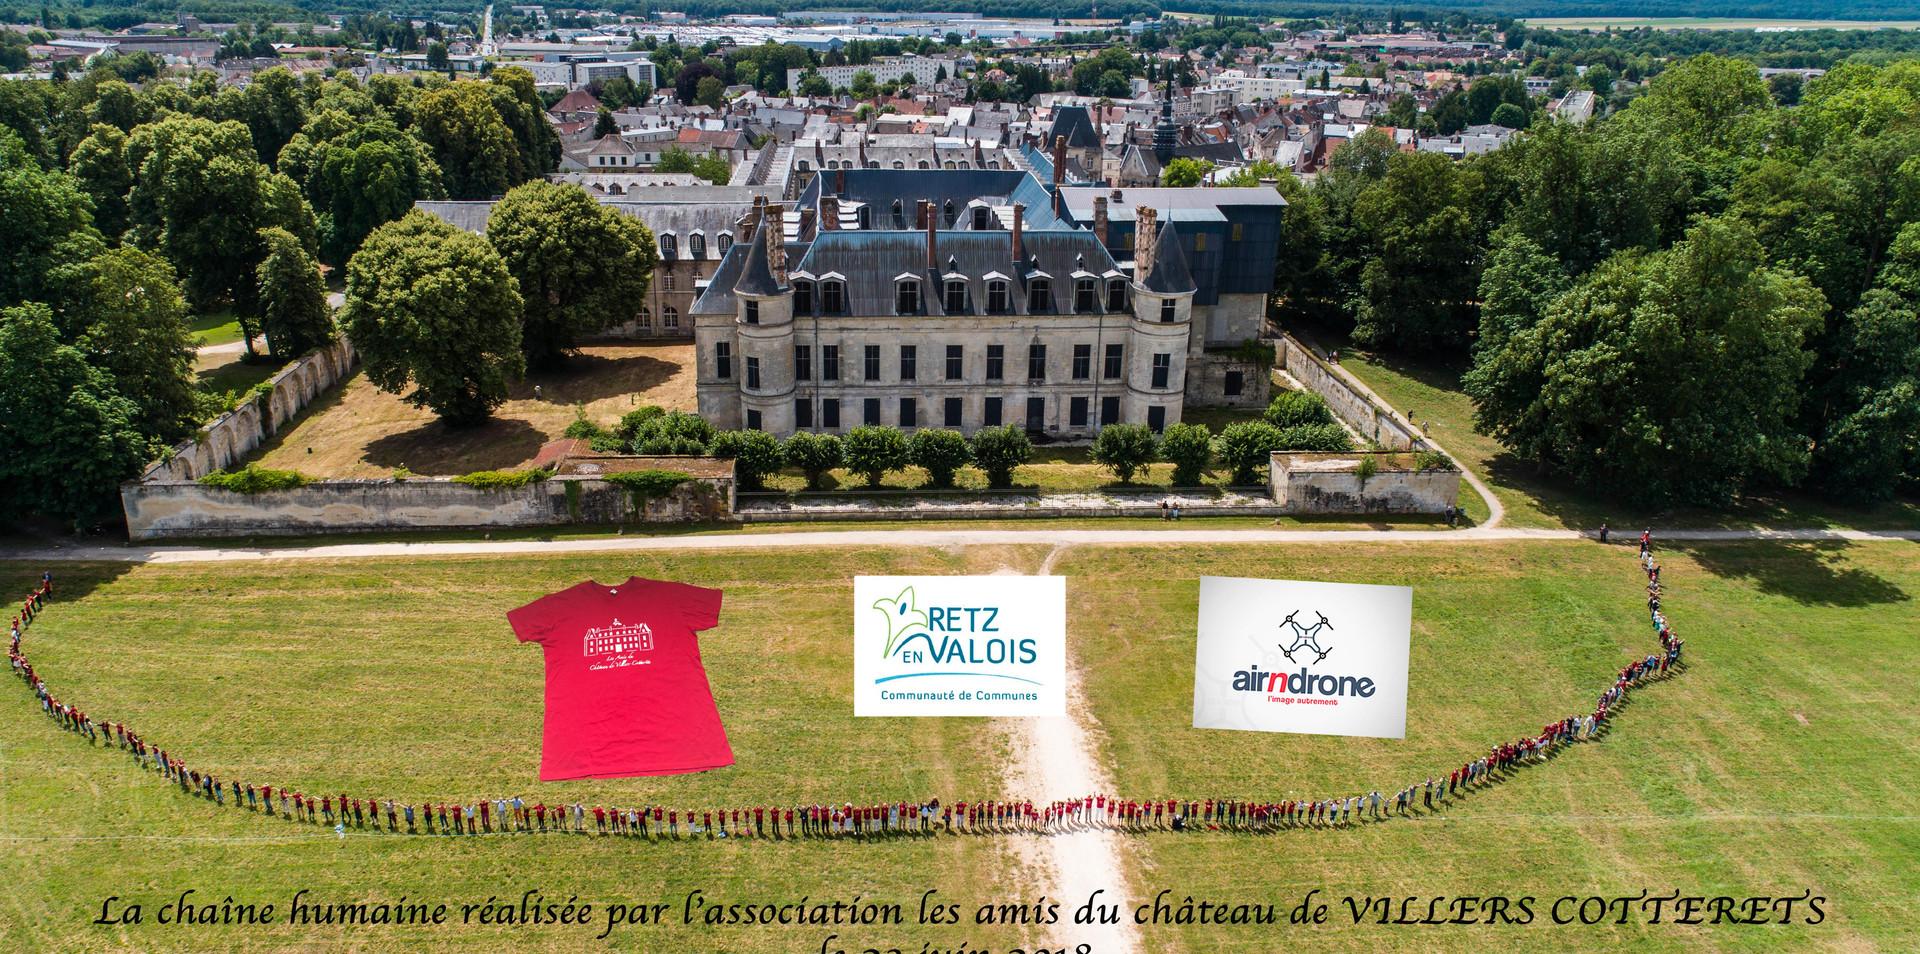 Prestation de Villers-Cotterêts